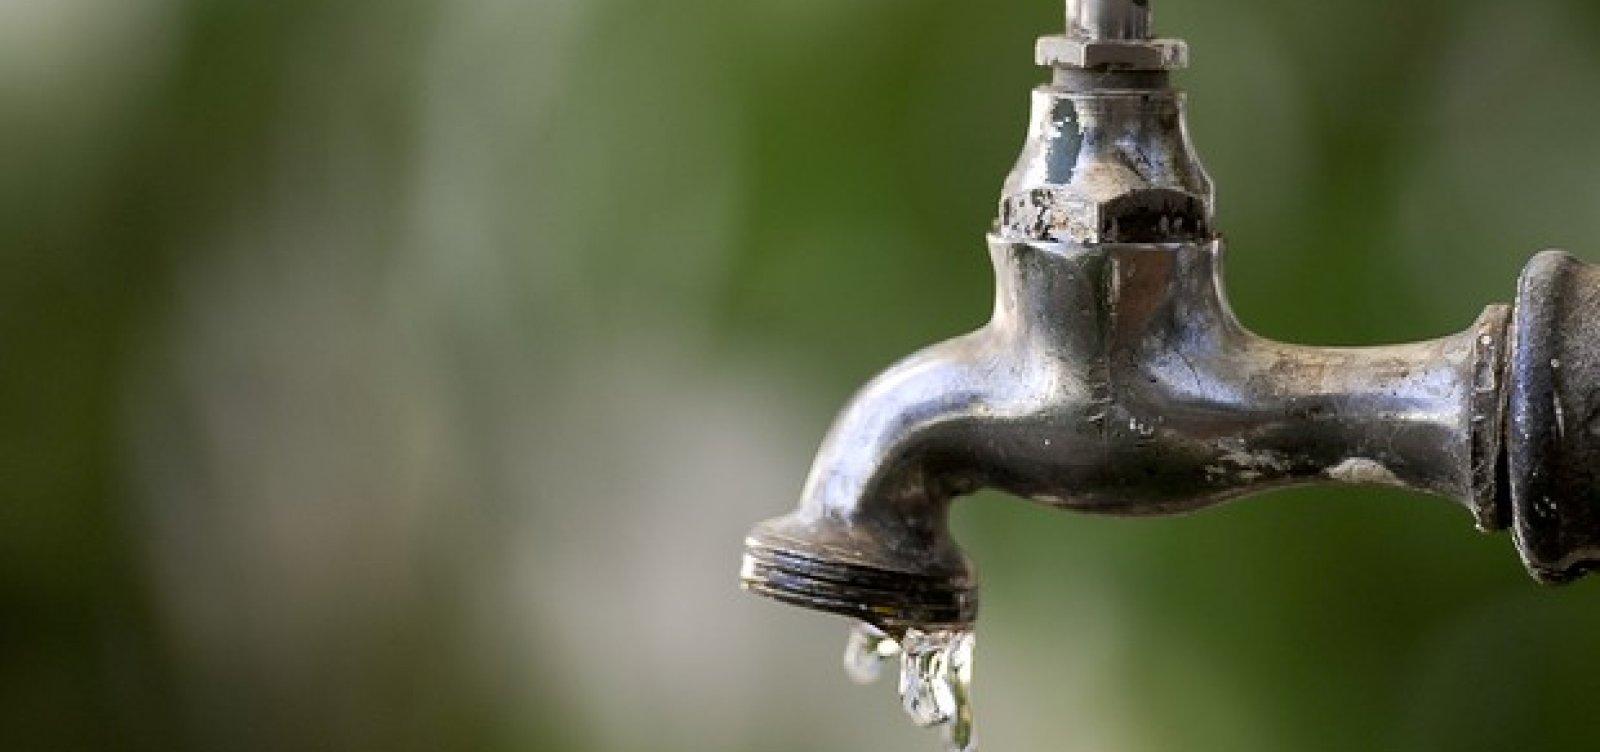 Após reclamação de moradores, Sesab diz que água não representa ameaça à saúde